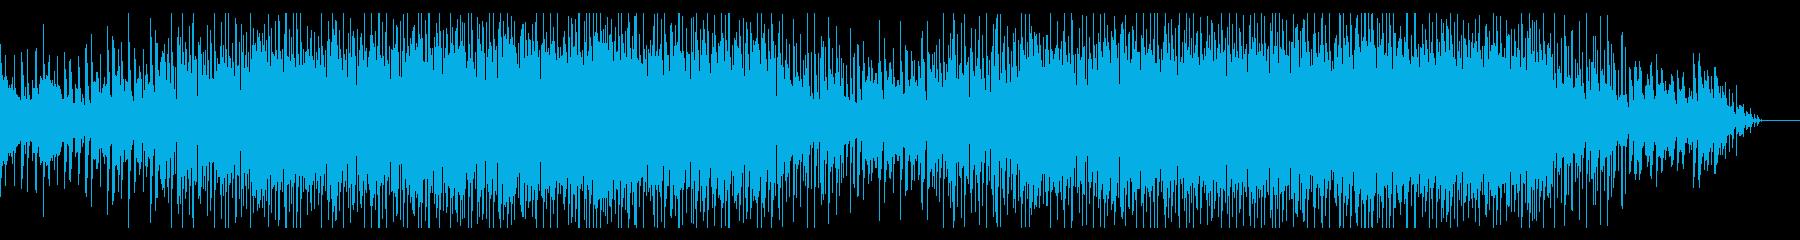 強大なものに立ち向かう/ピアノ・シンセの再生済みの波形